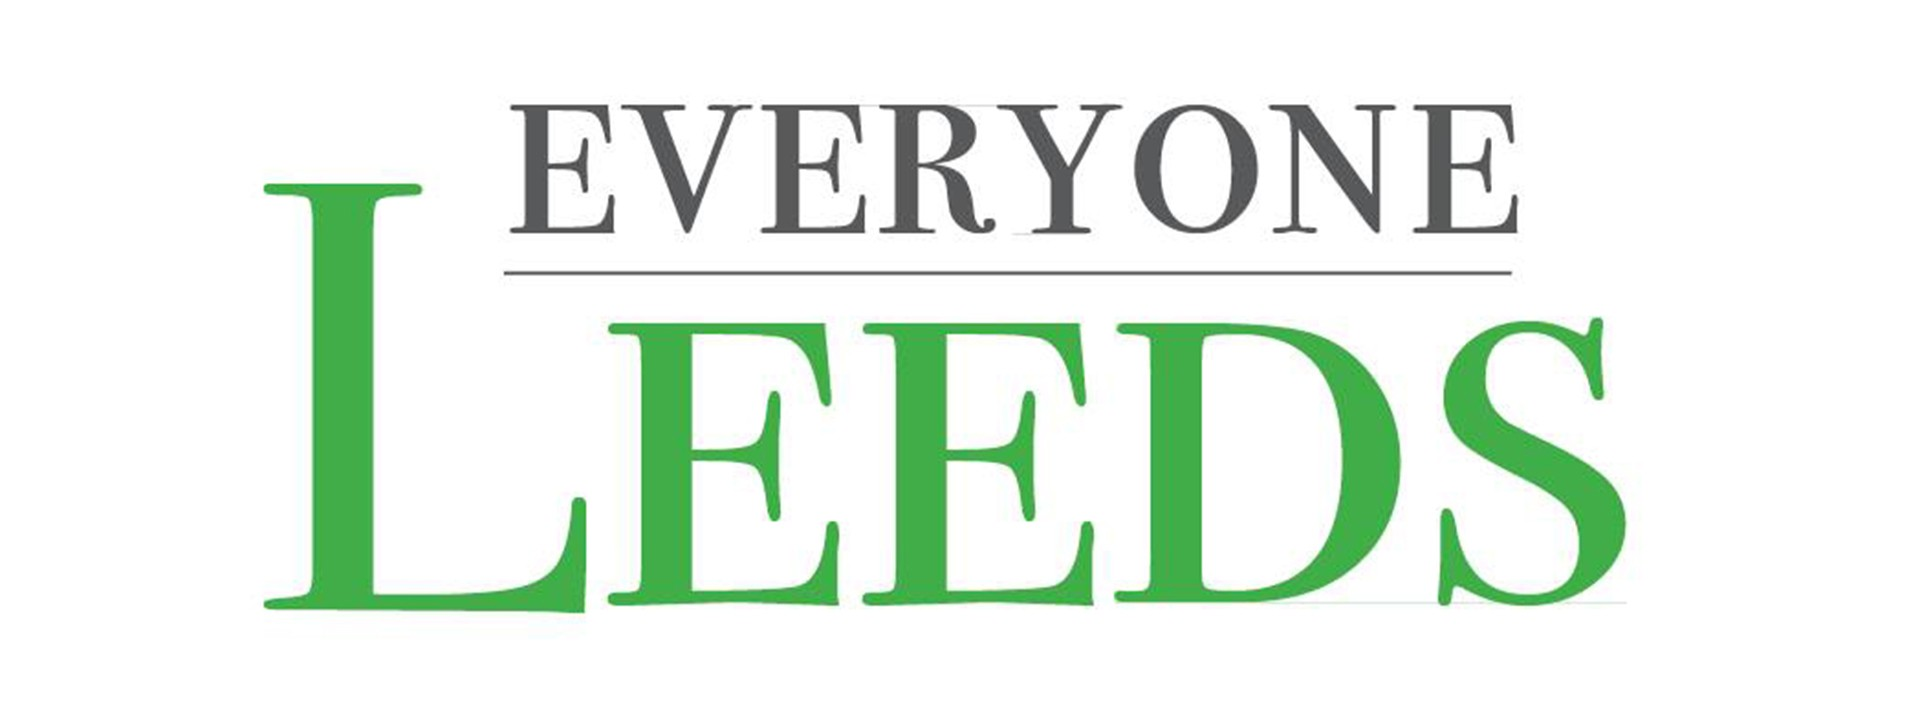 Everyone Leeds logo_1920x720